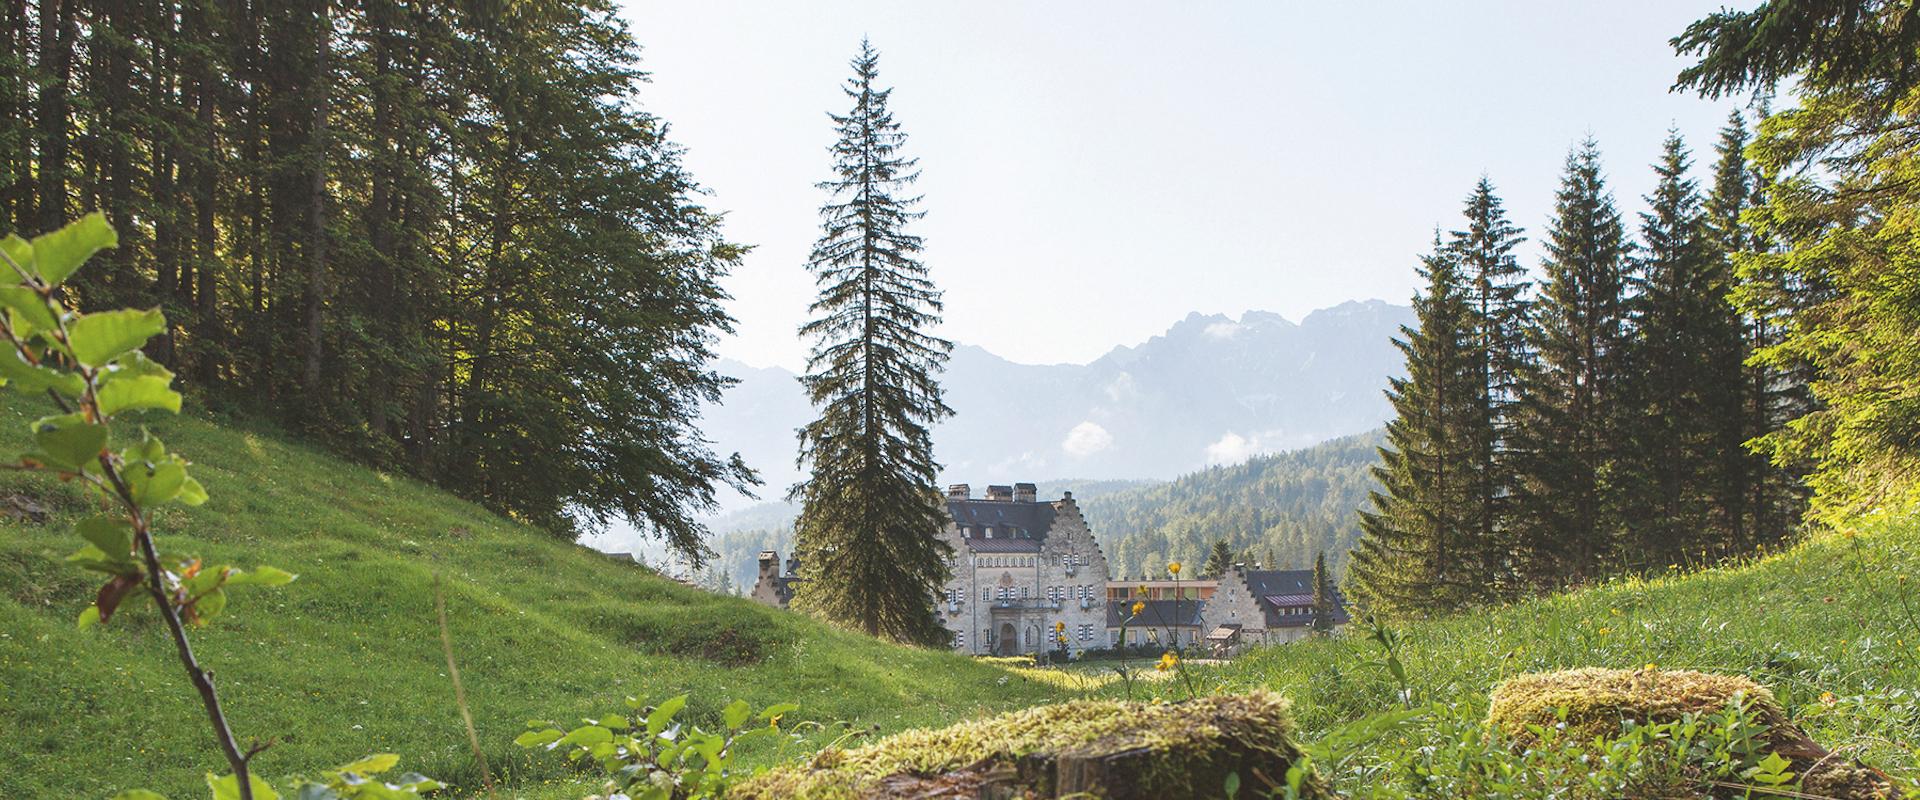 Haupthaus mitten in der Natur